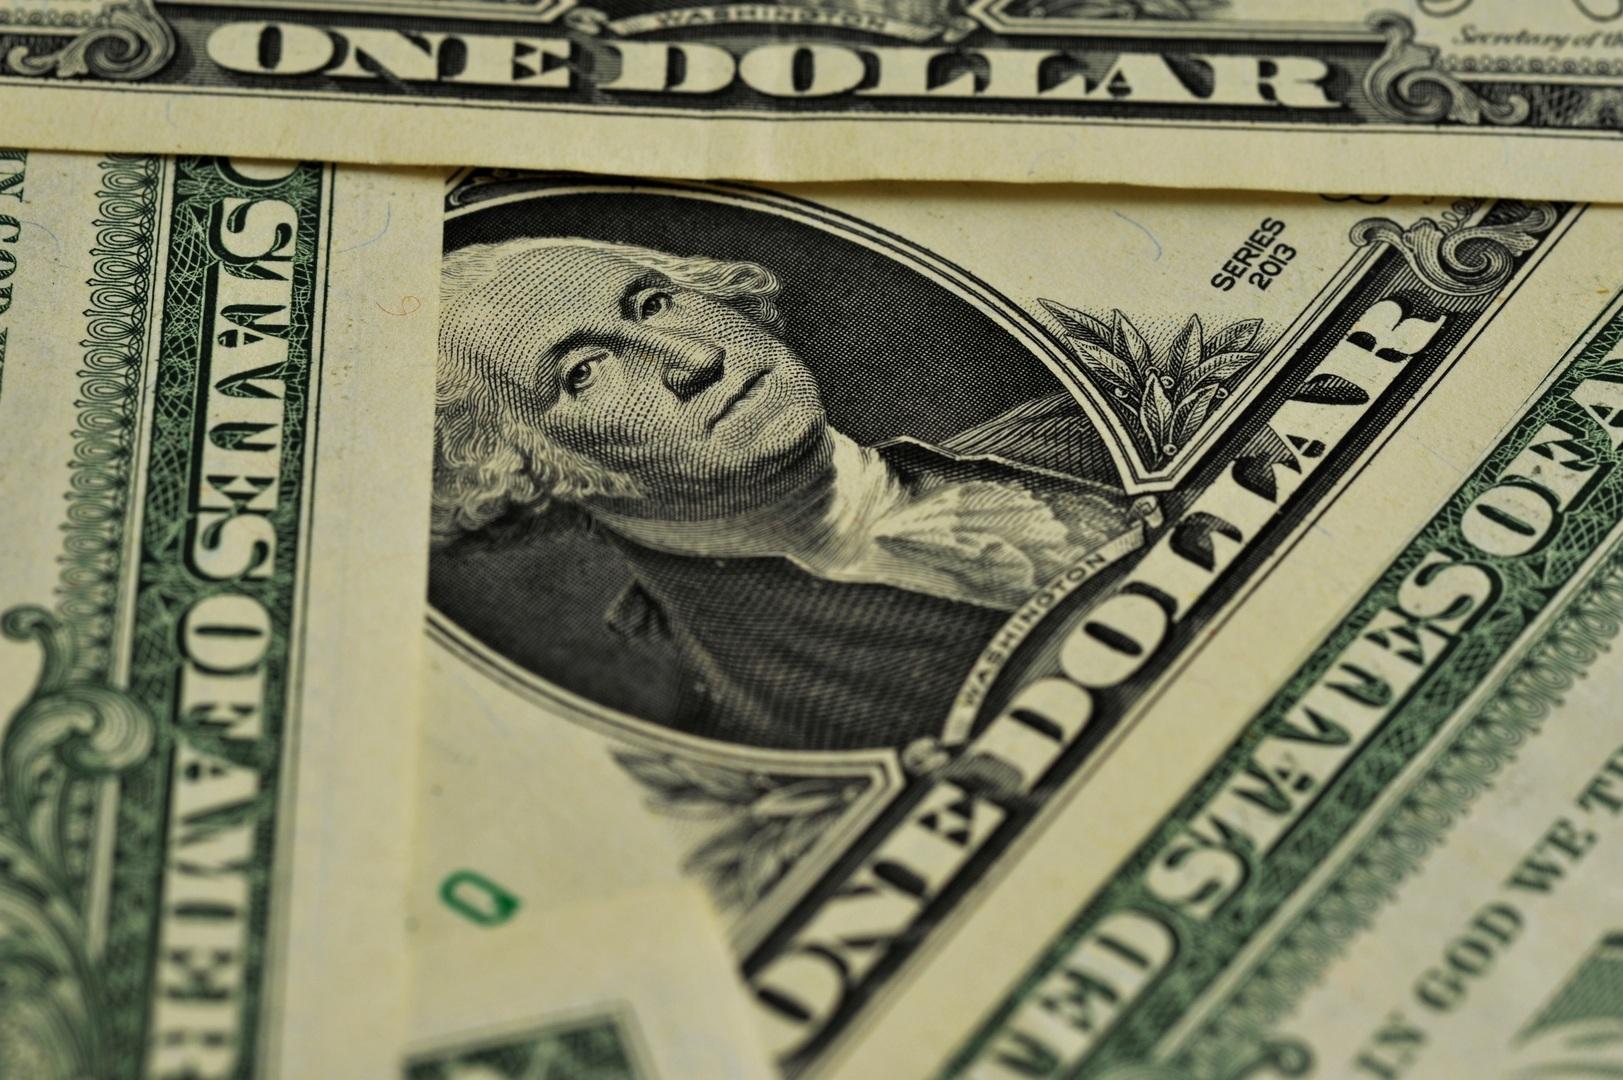 صفقة تفتح أبواب نادي المليارديرات أمام رجلي أعمال روسيين